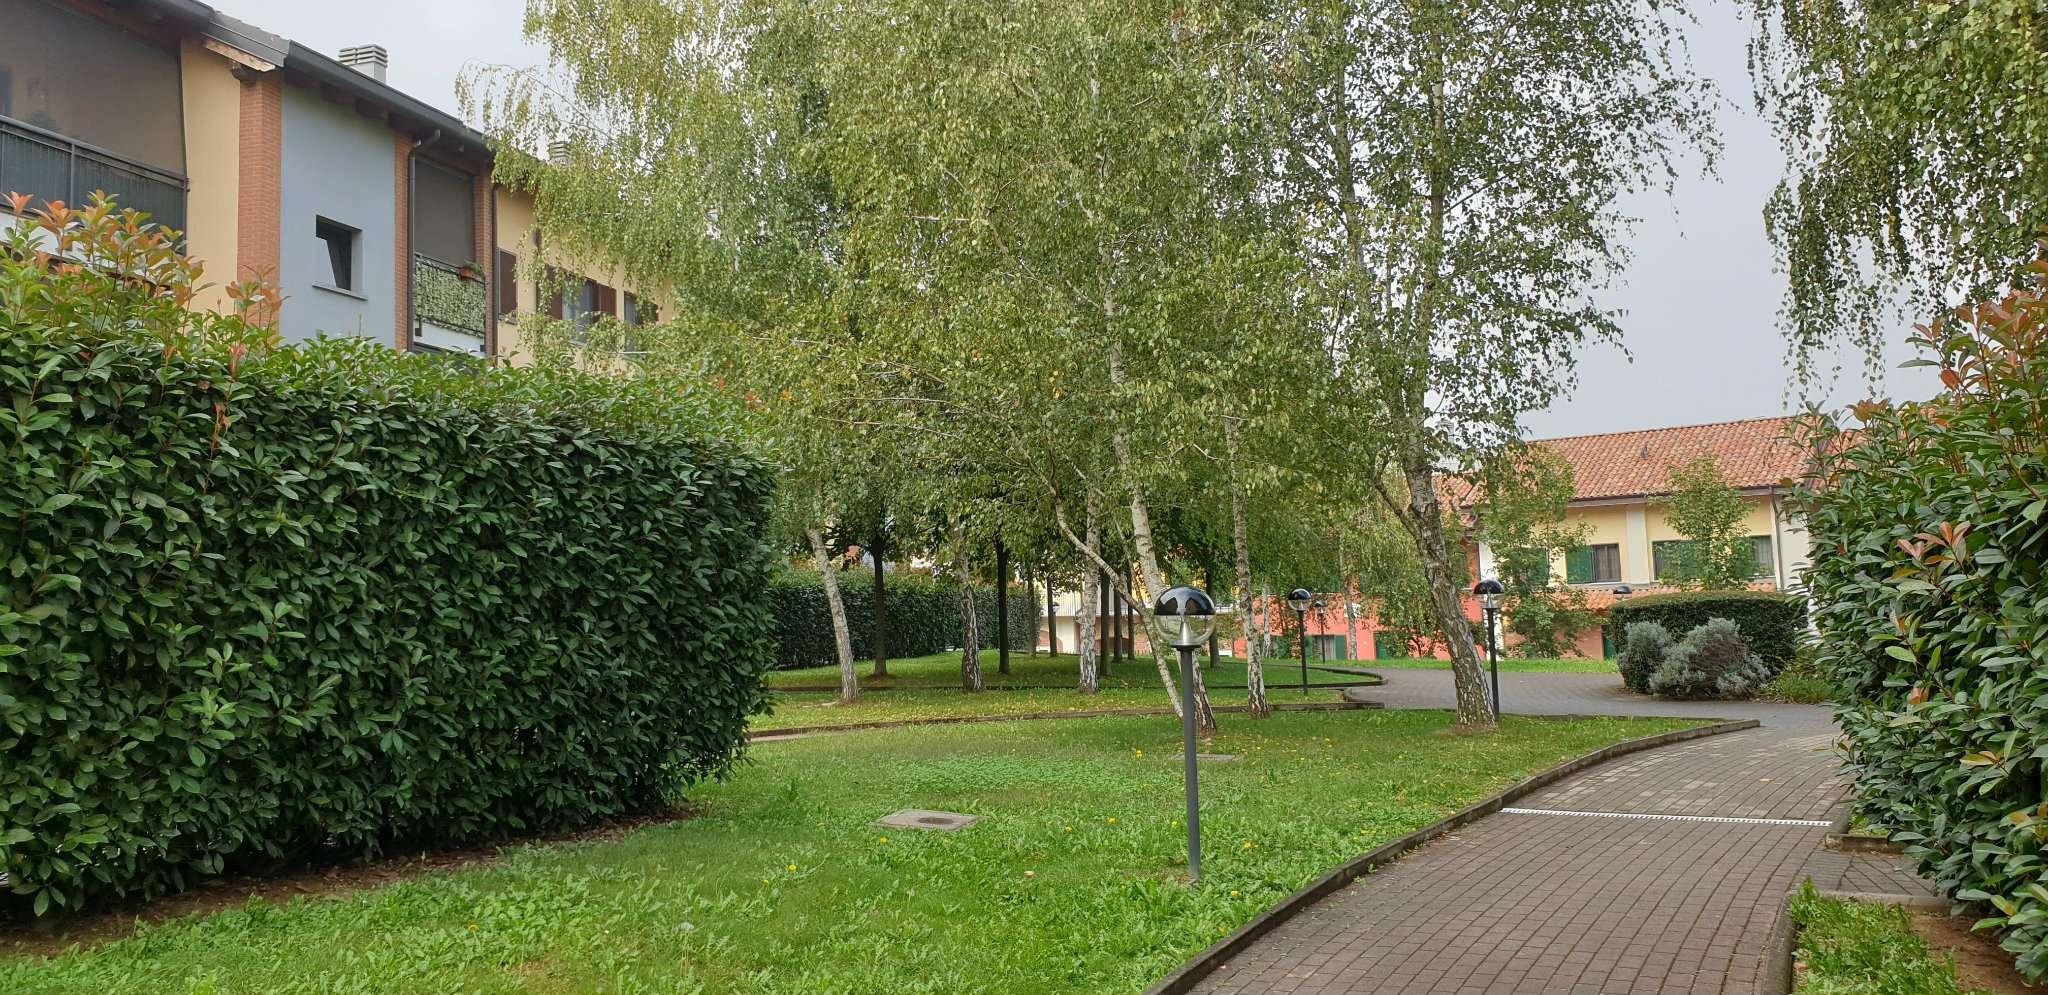 Appartamento in vendita a Trezzano sul Naviglio, 2 locali, prezzo € 180.000 | PortaleAgenzieImmobiliari.it